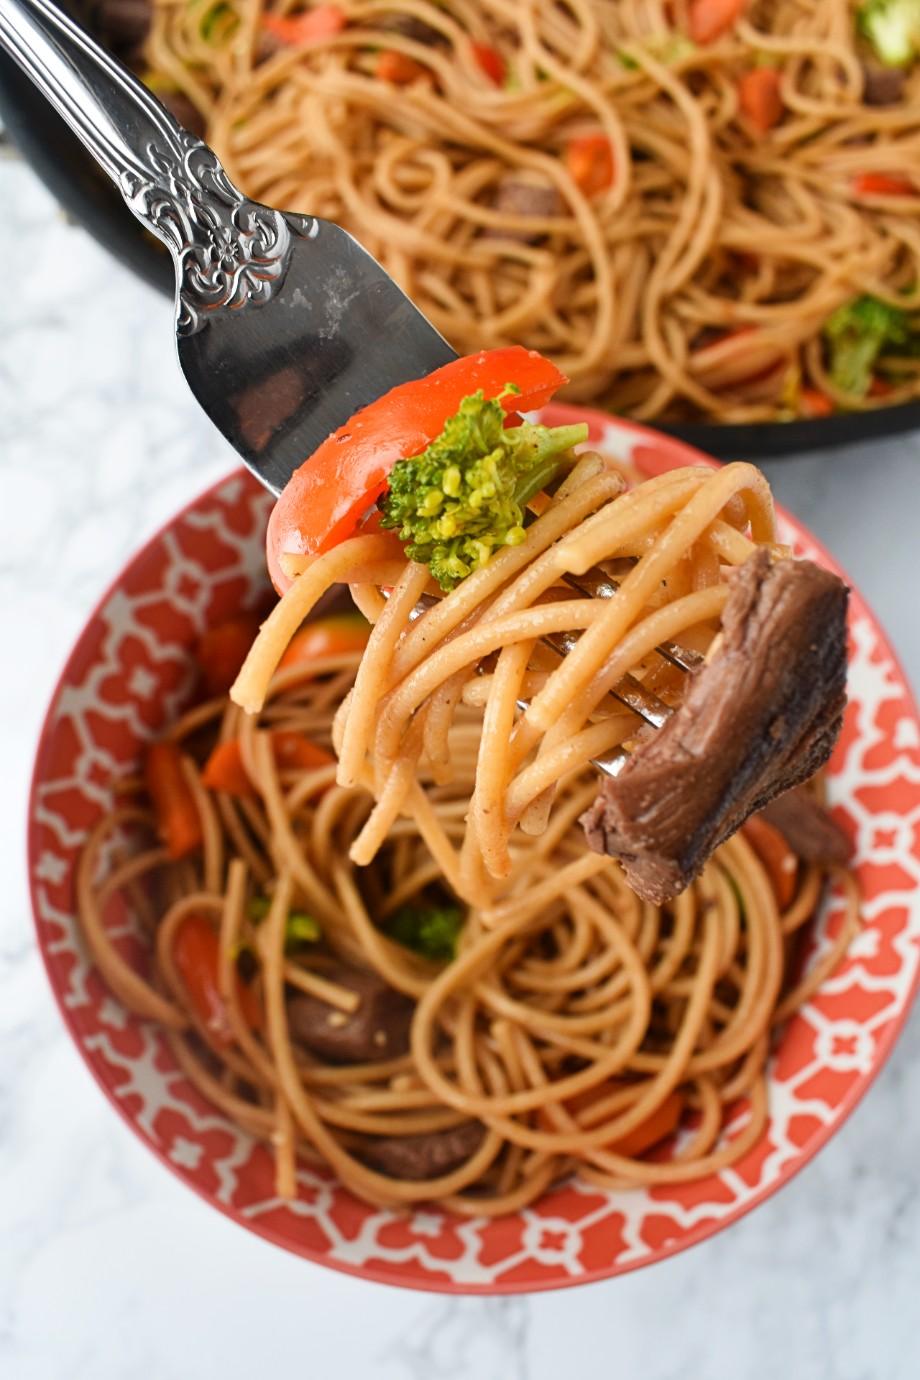 bite of steak stir fry noodles